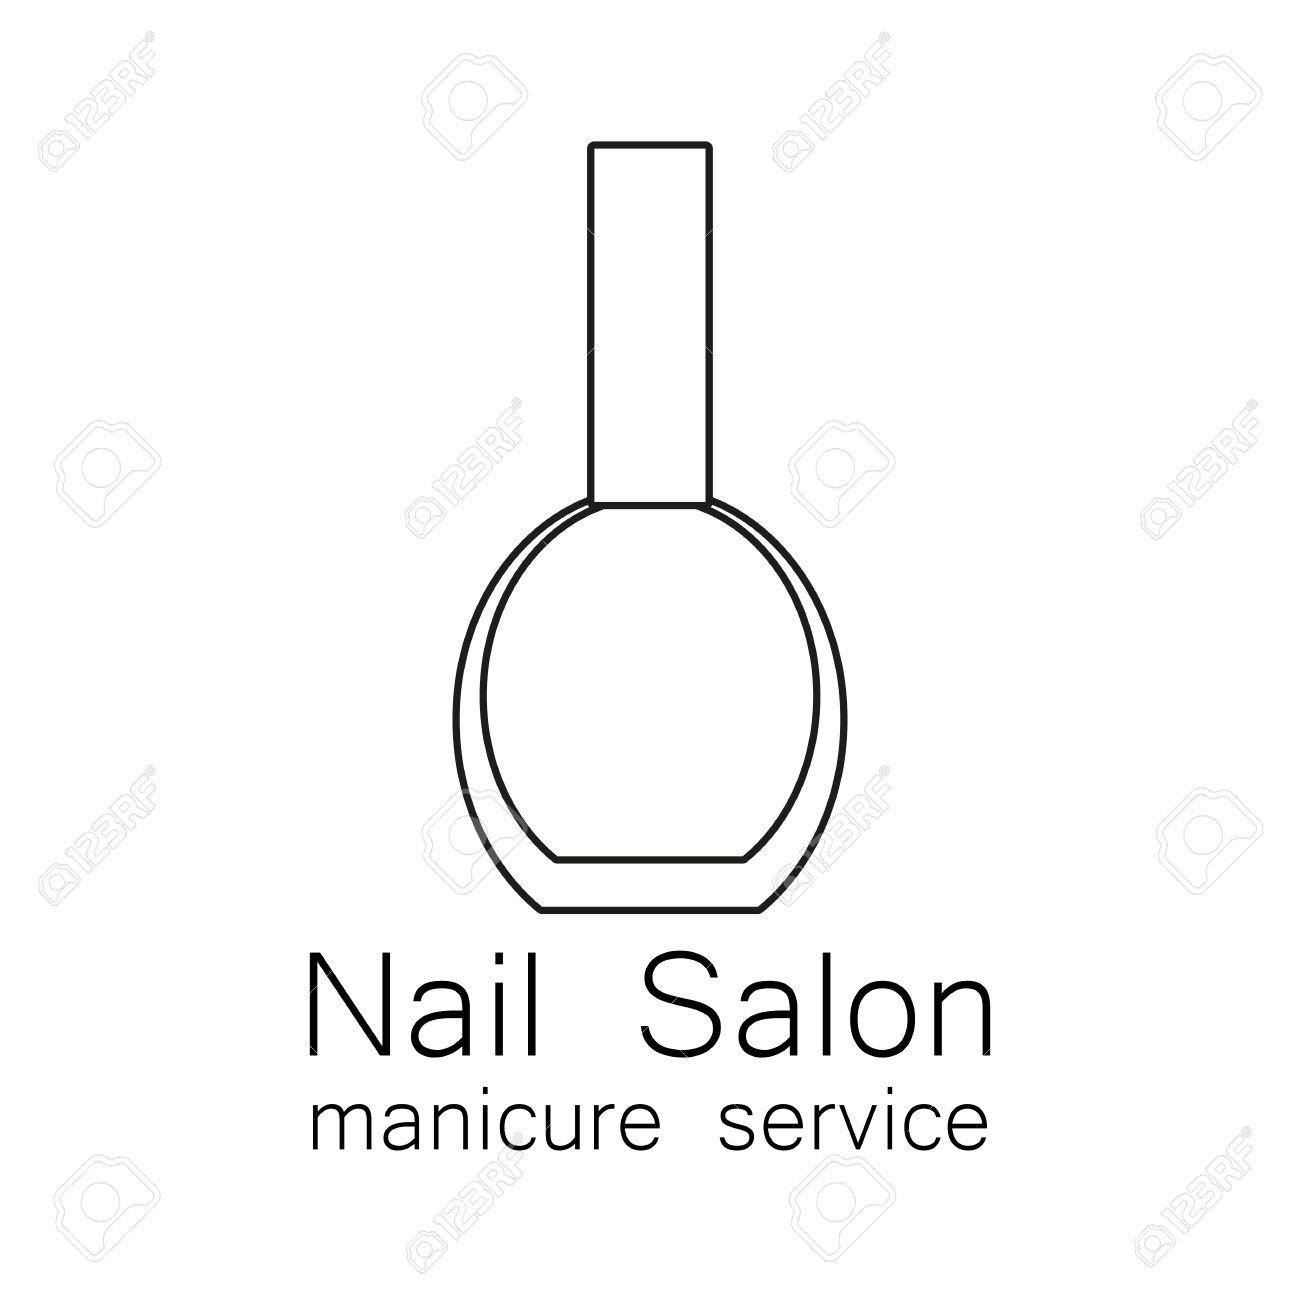 サロンのロゴを爪します。白地にシンプルな線形なマニキュア。美容業界、ネイルサロン、マニキュア サービス、スパ  ブティック、化粧品。化粧品のラベルです。ベクトルの図。